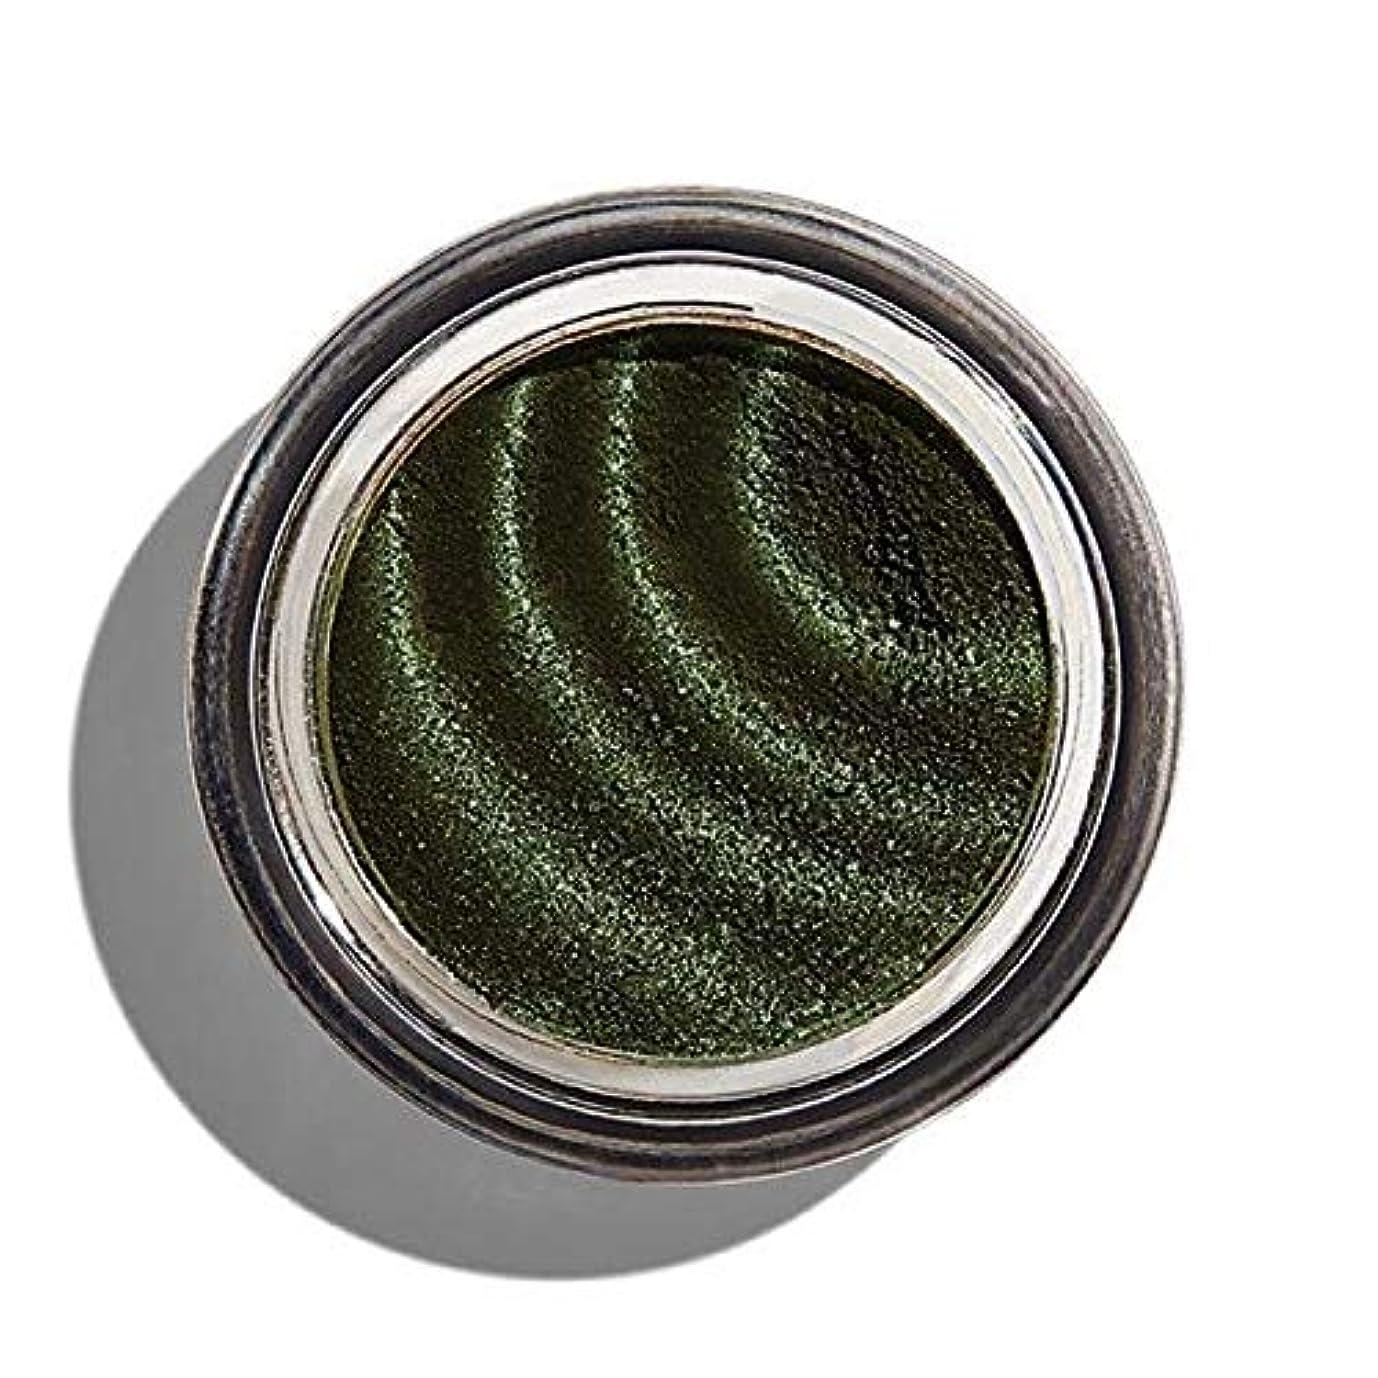 広がり自慢反応する[Revolution ] 化粧回転磁化のアイシャドウグリーン - Makeup Revolution Magnetize Eyeshadow Green [並行輸入品]